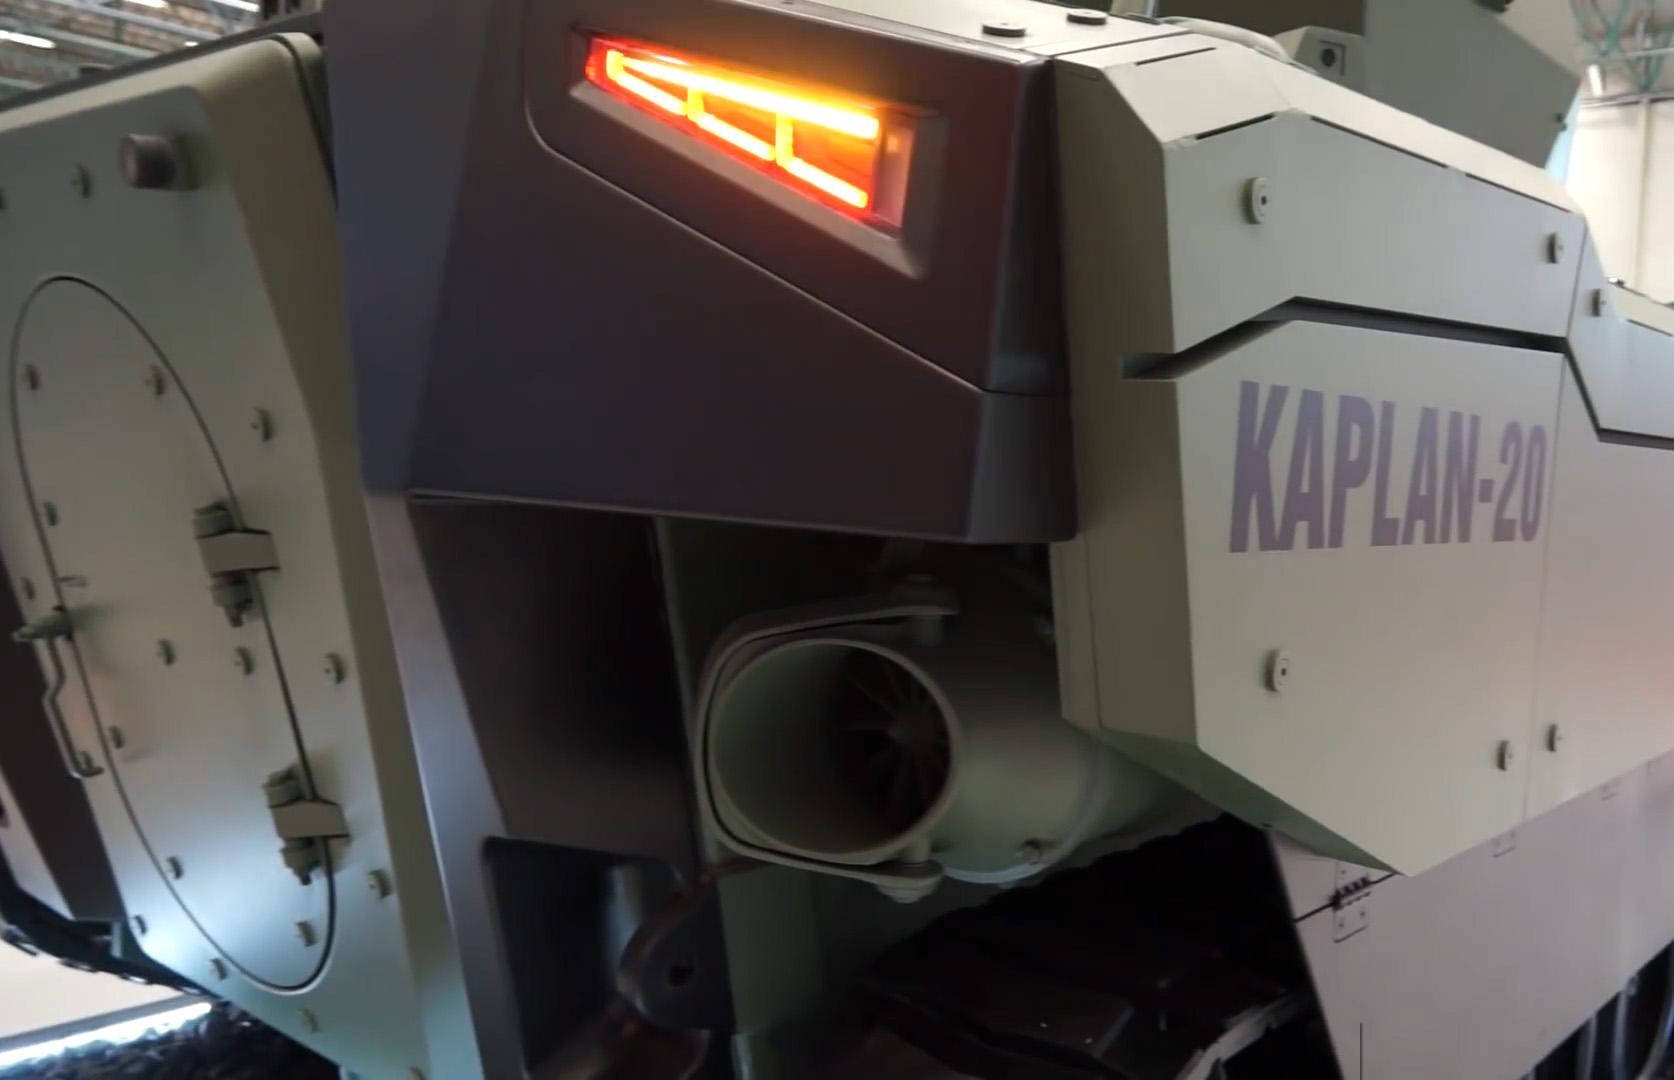 kaplan-01